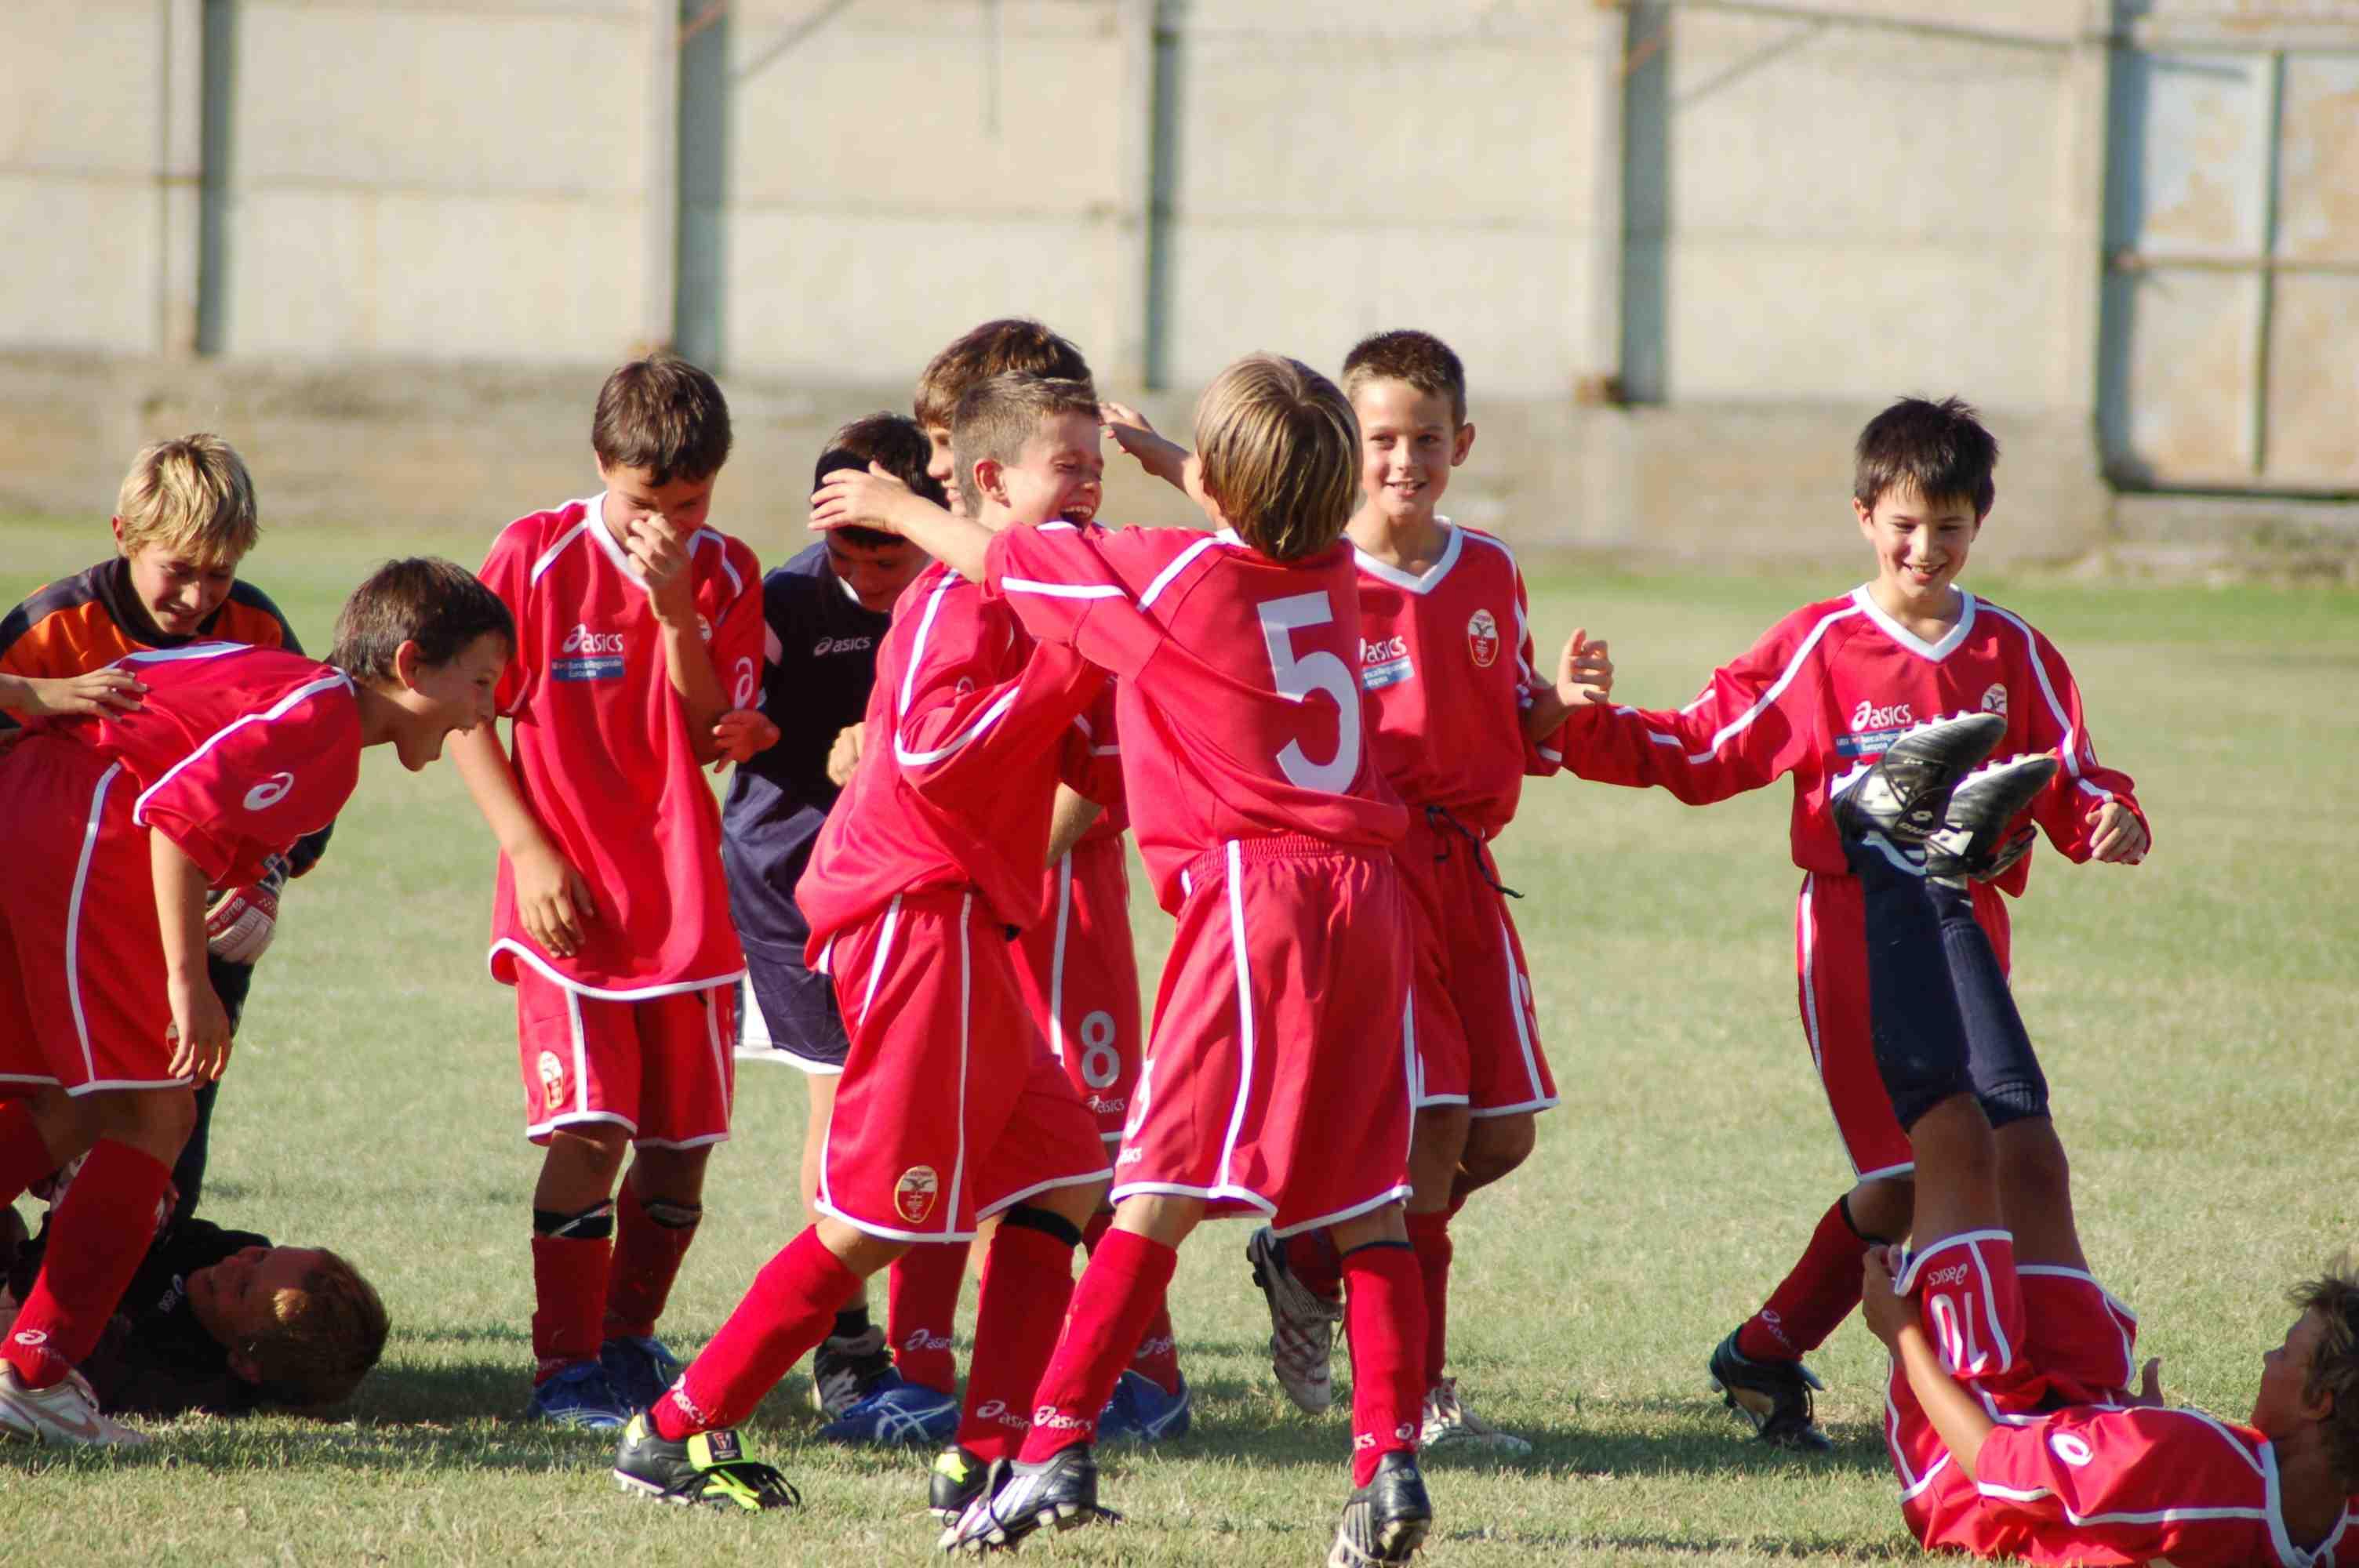 Immagini Di Calcio Per Bambini : Calcio giovanile sono sempre i diritti dei bambini ad essere